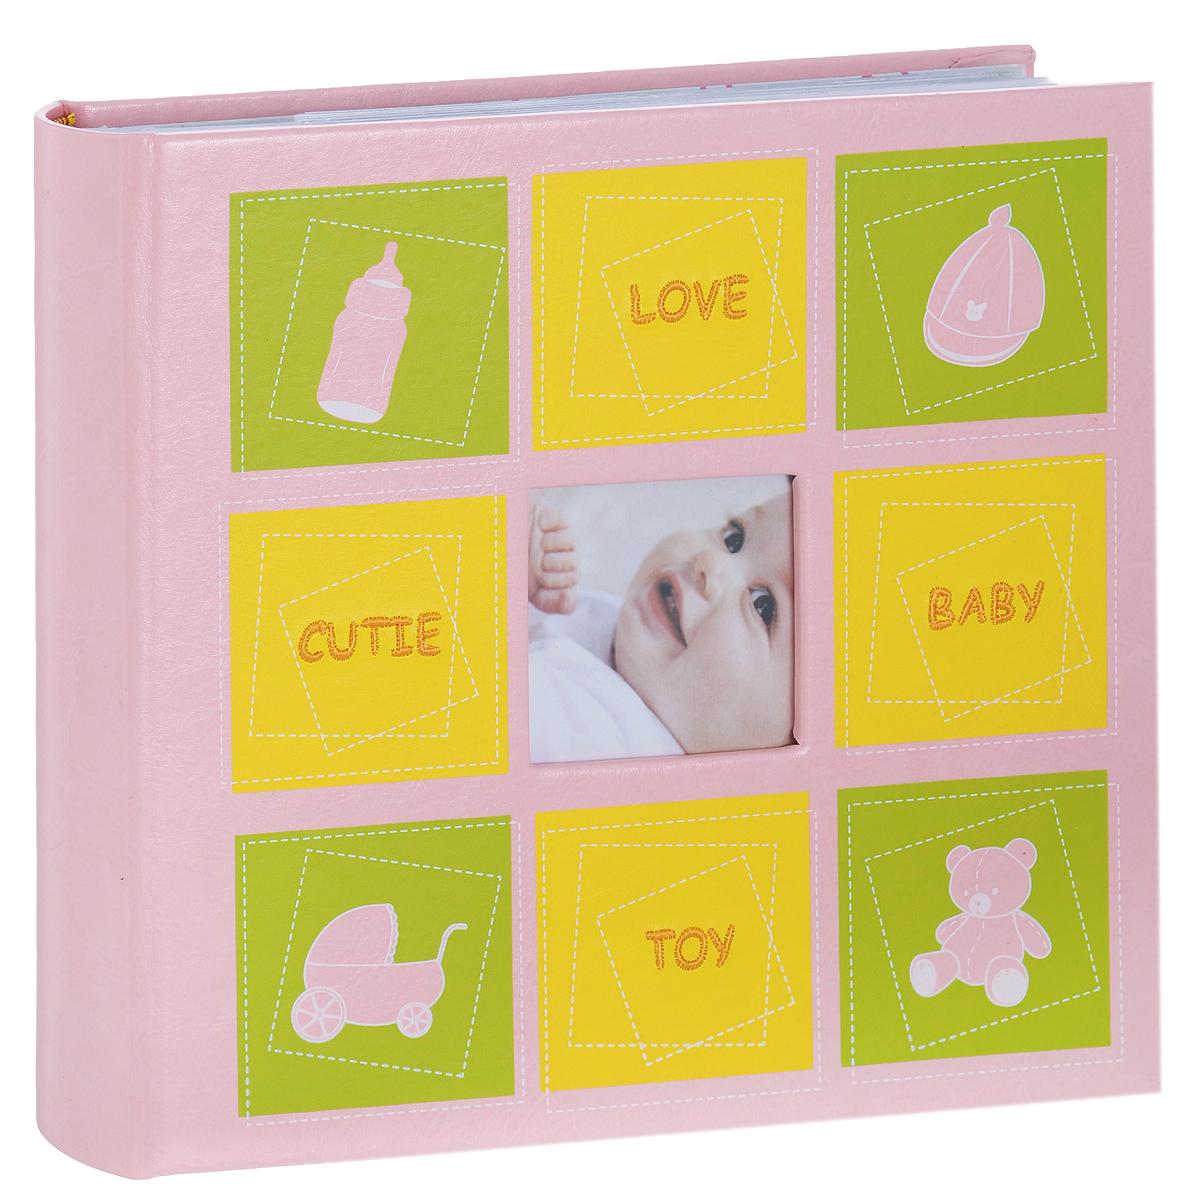 """Фотоальбом Image Art """"Cutie Baby"""", 100 фотографий, 15 x 21 см"""